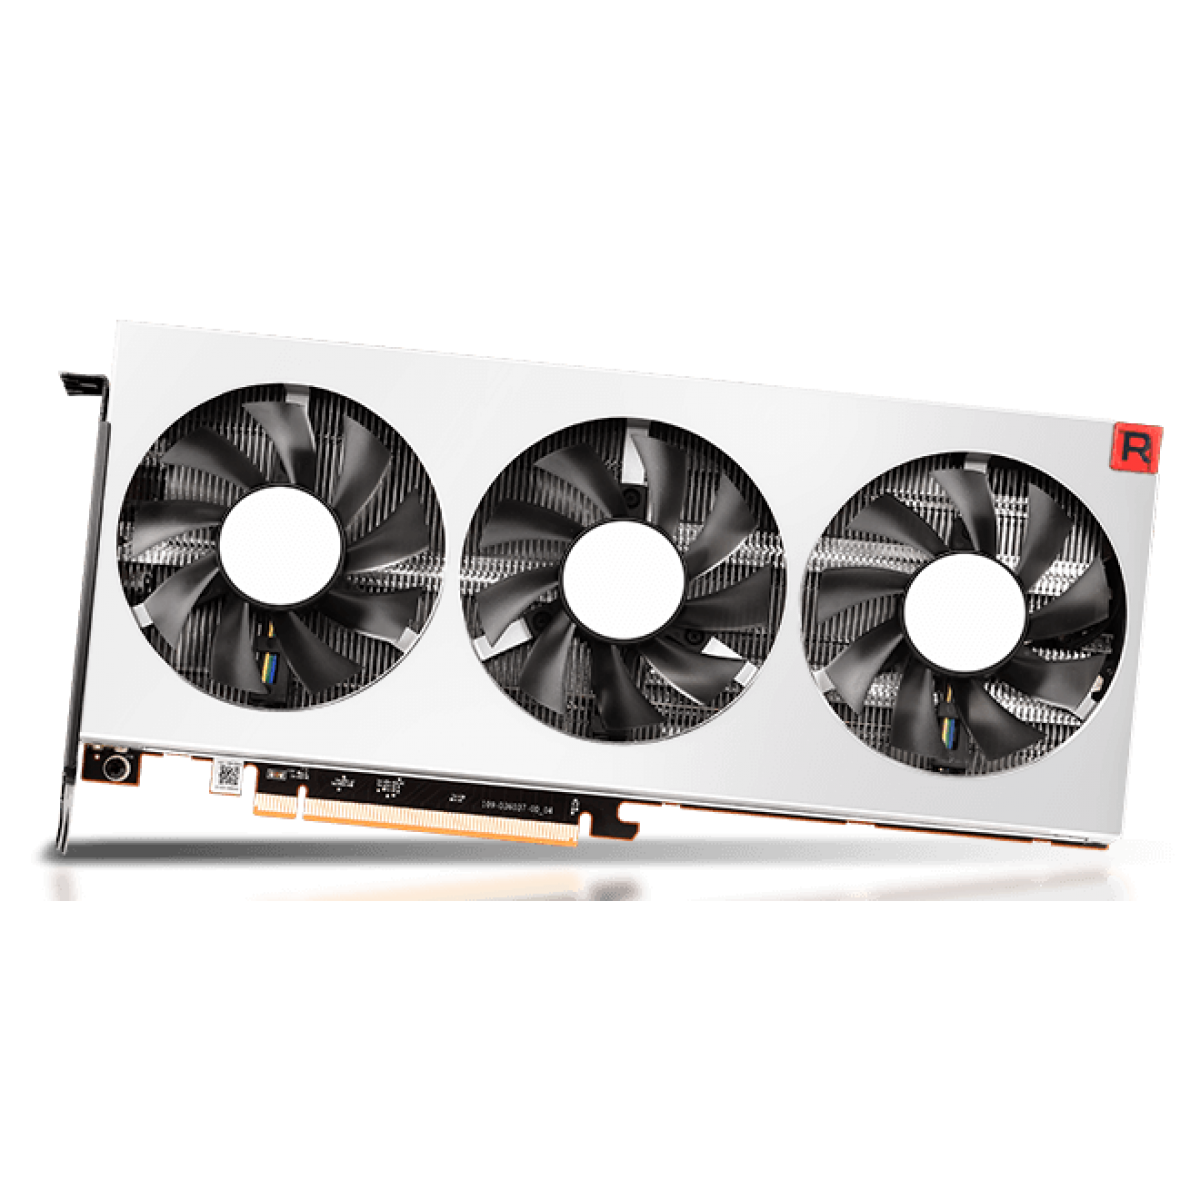 Placa de Vídeo Sapphire Radeon VII, 16GB HBM2